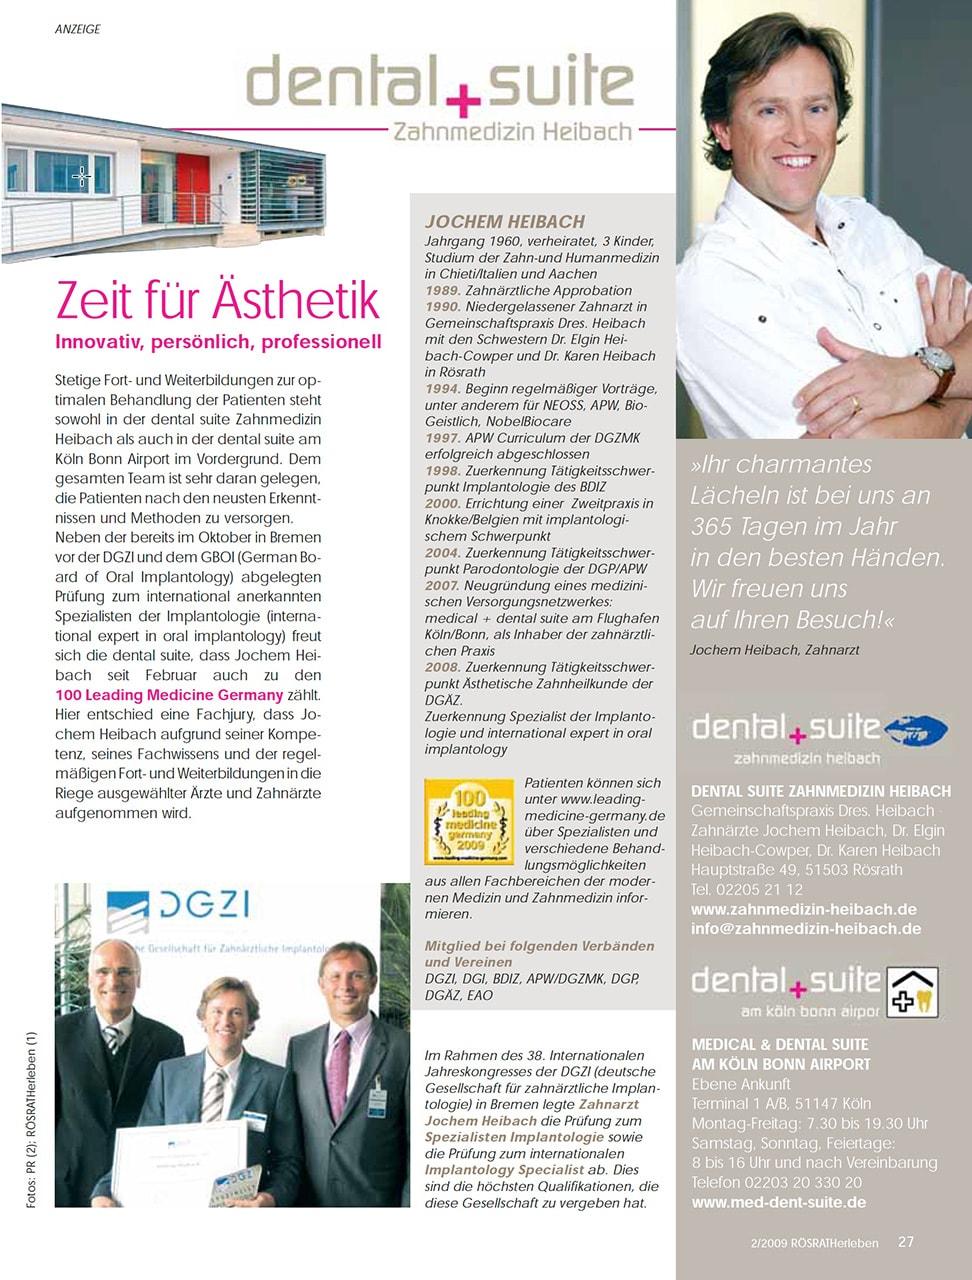 Z-MVZ dental suite - Pressemitteilung: Zeit für Ästhetik - innovativ, persönlich, professionell